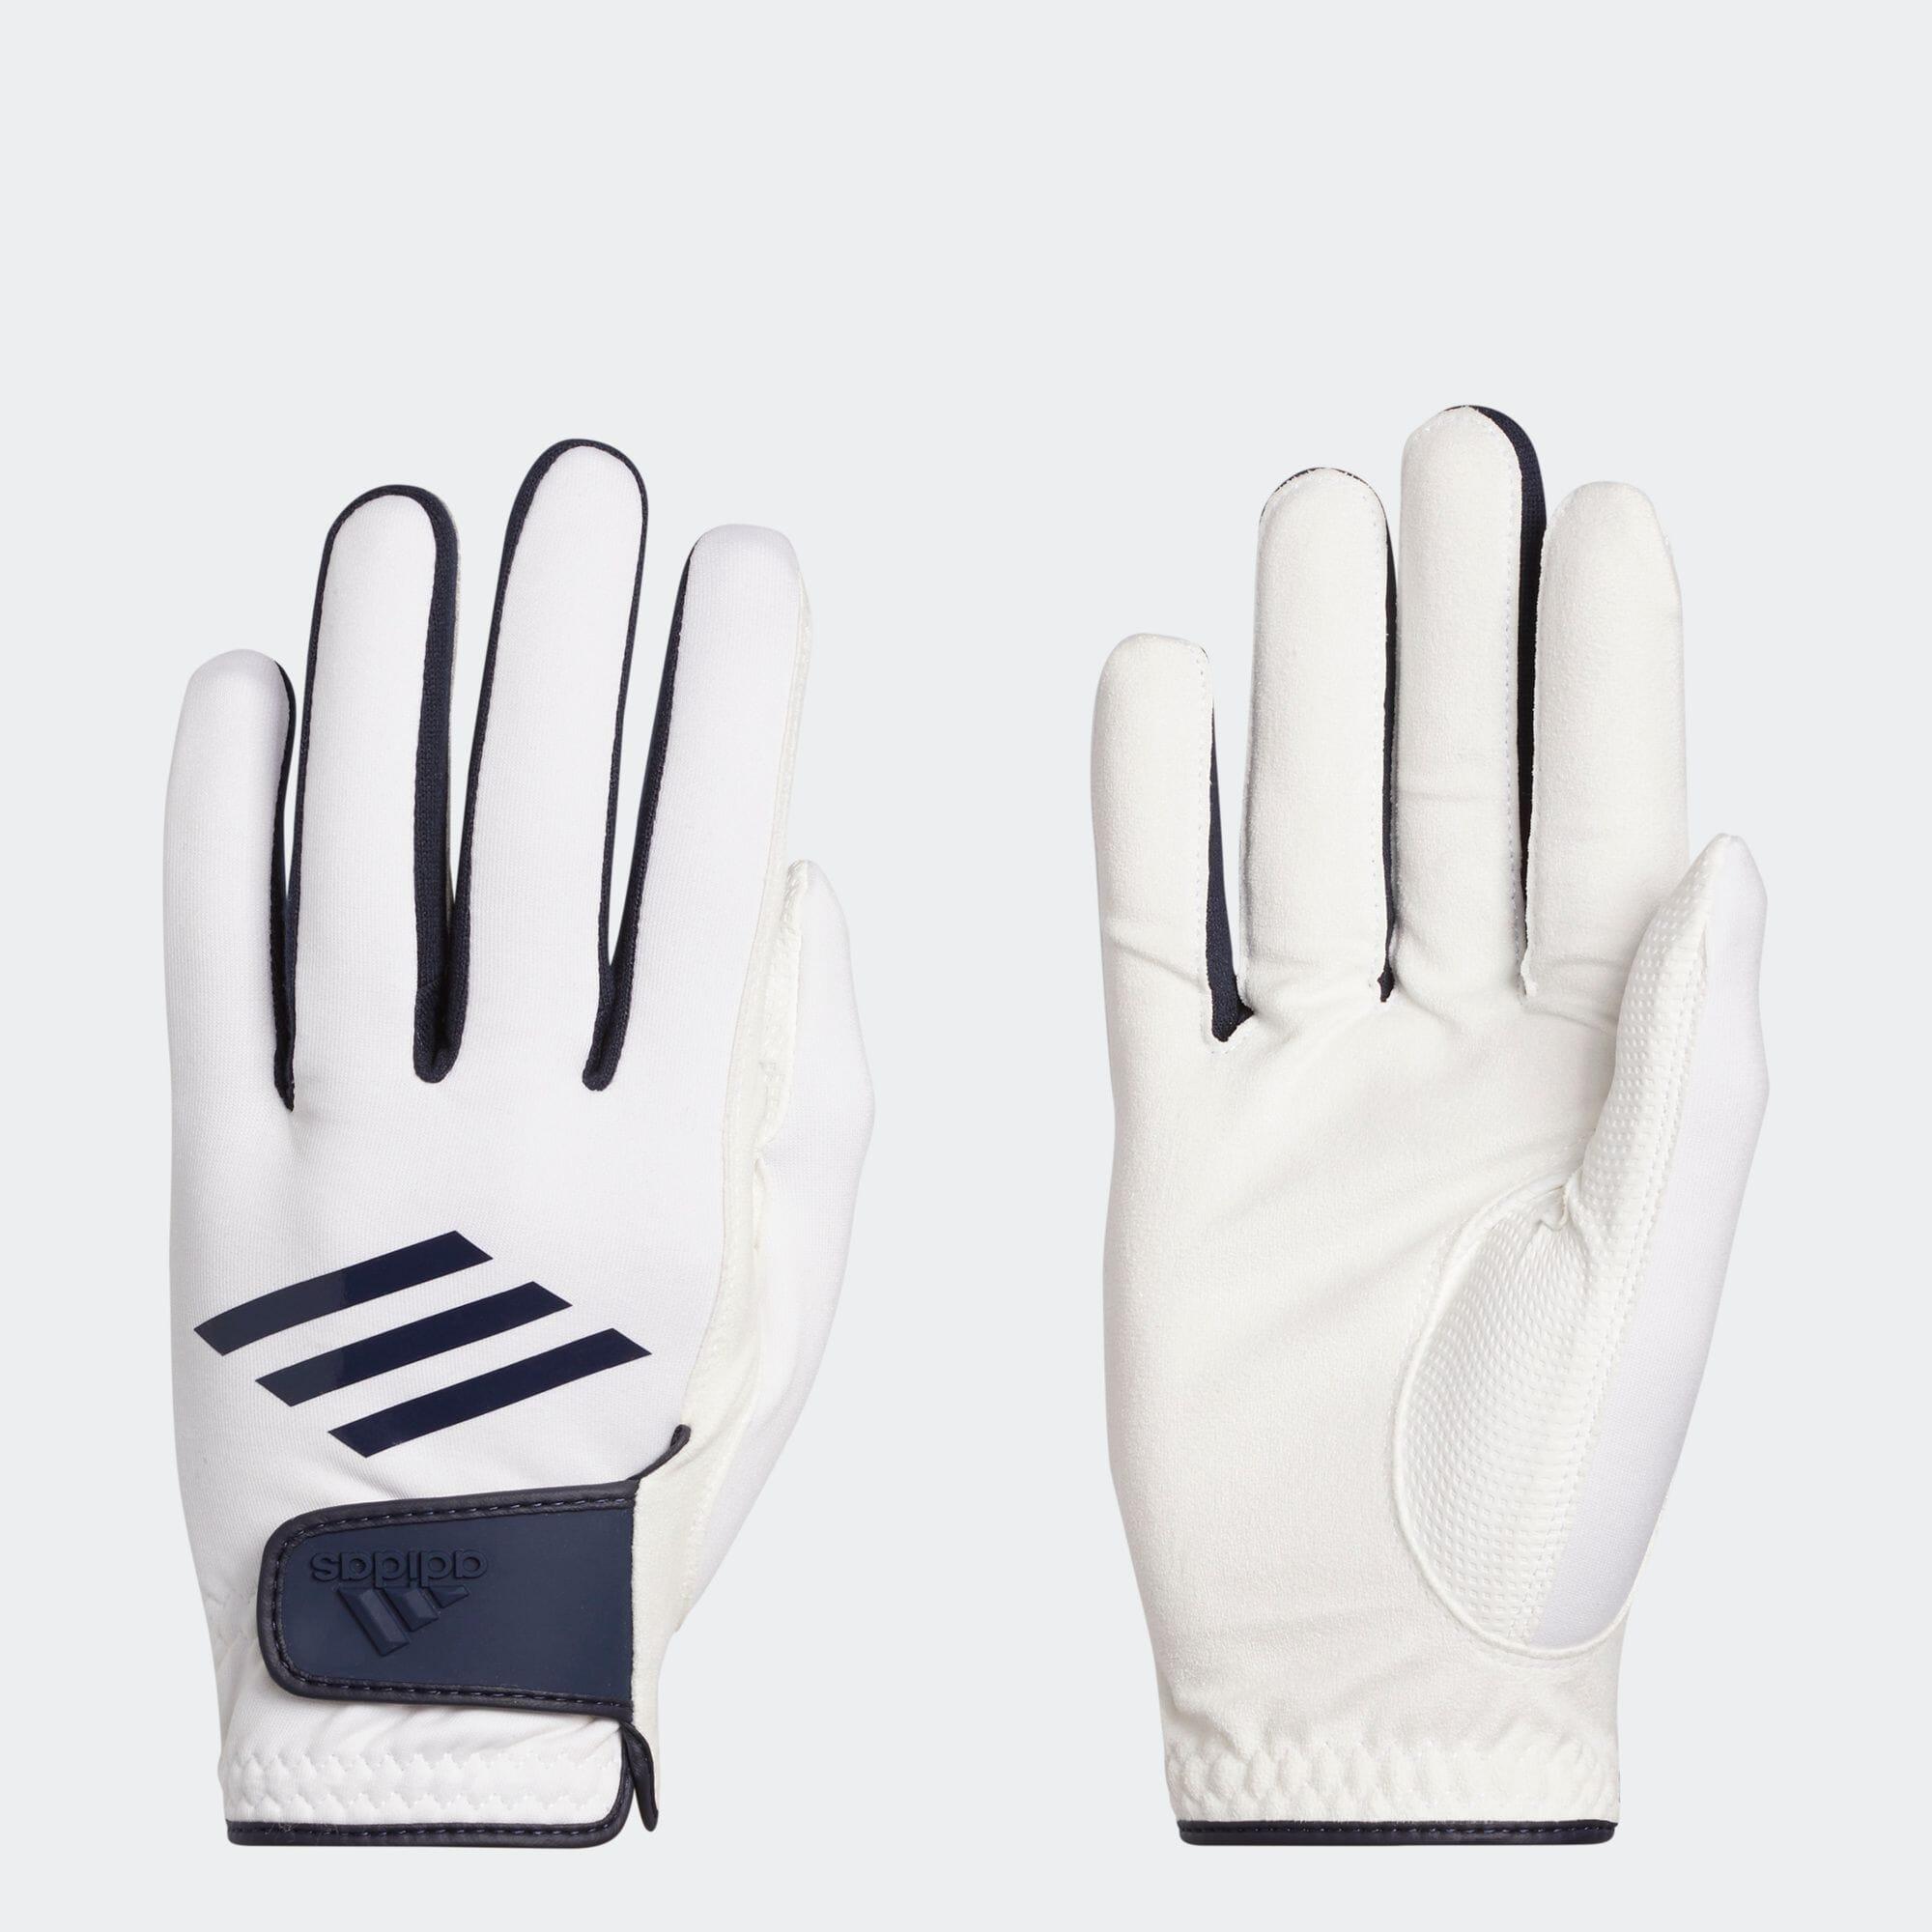 ストレッチウォームペアグローブ / Tour Performance Gloves